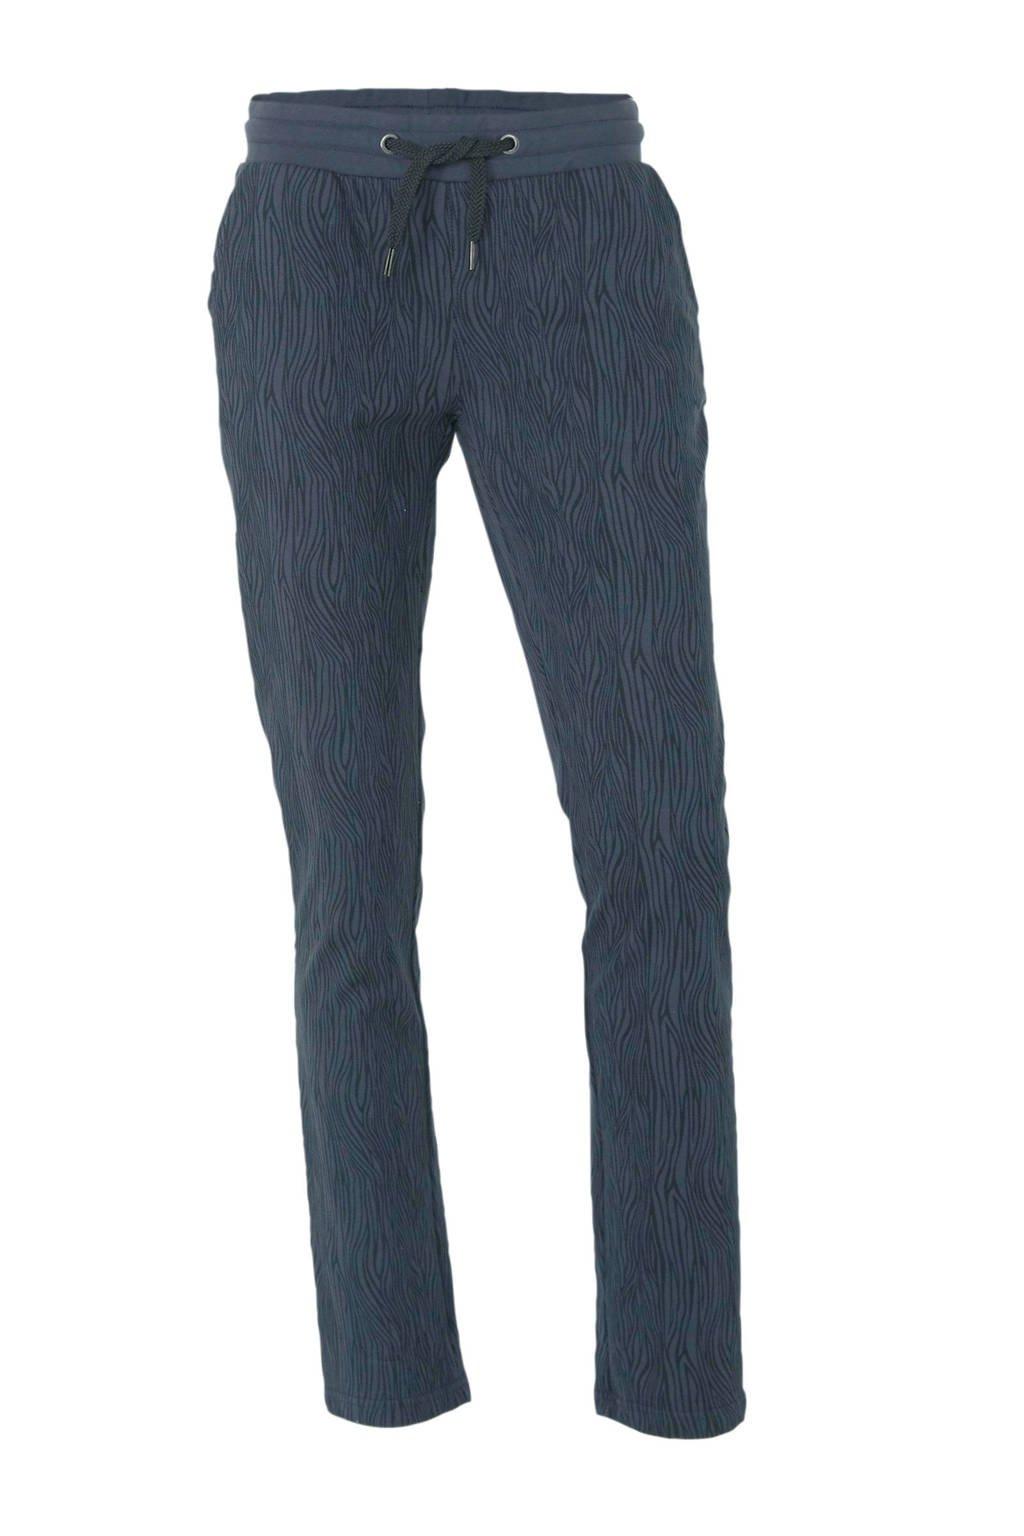 Donnay sportbroek zebraprint, Donkerblauw/zwart